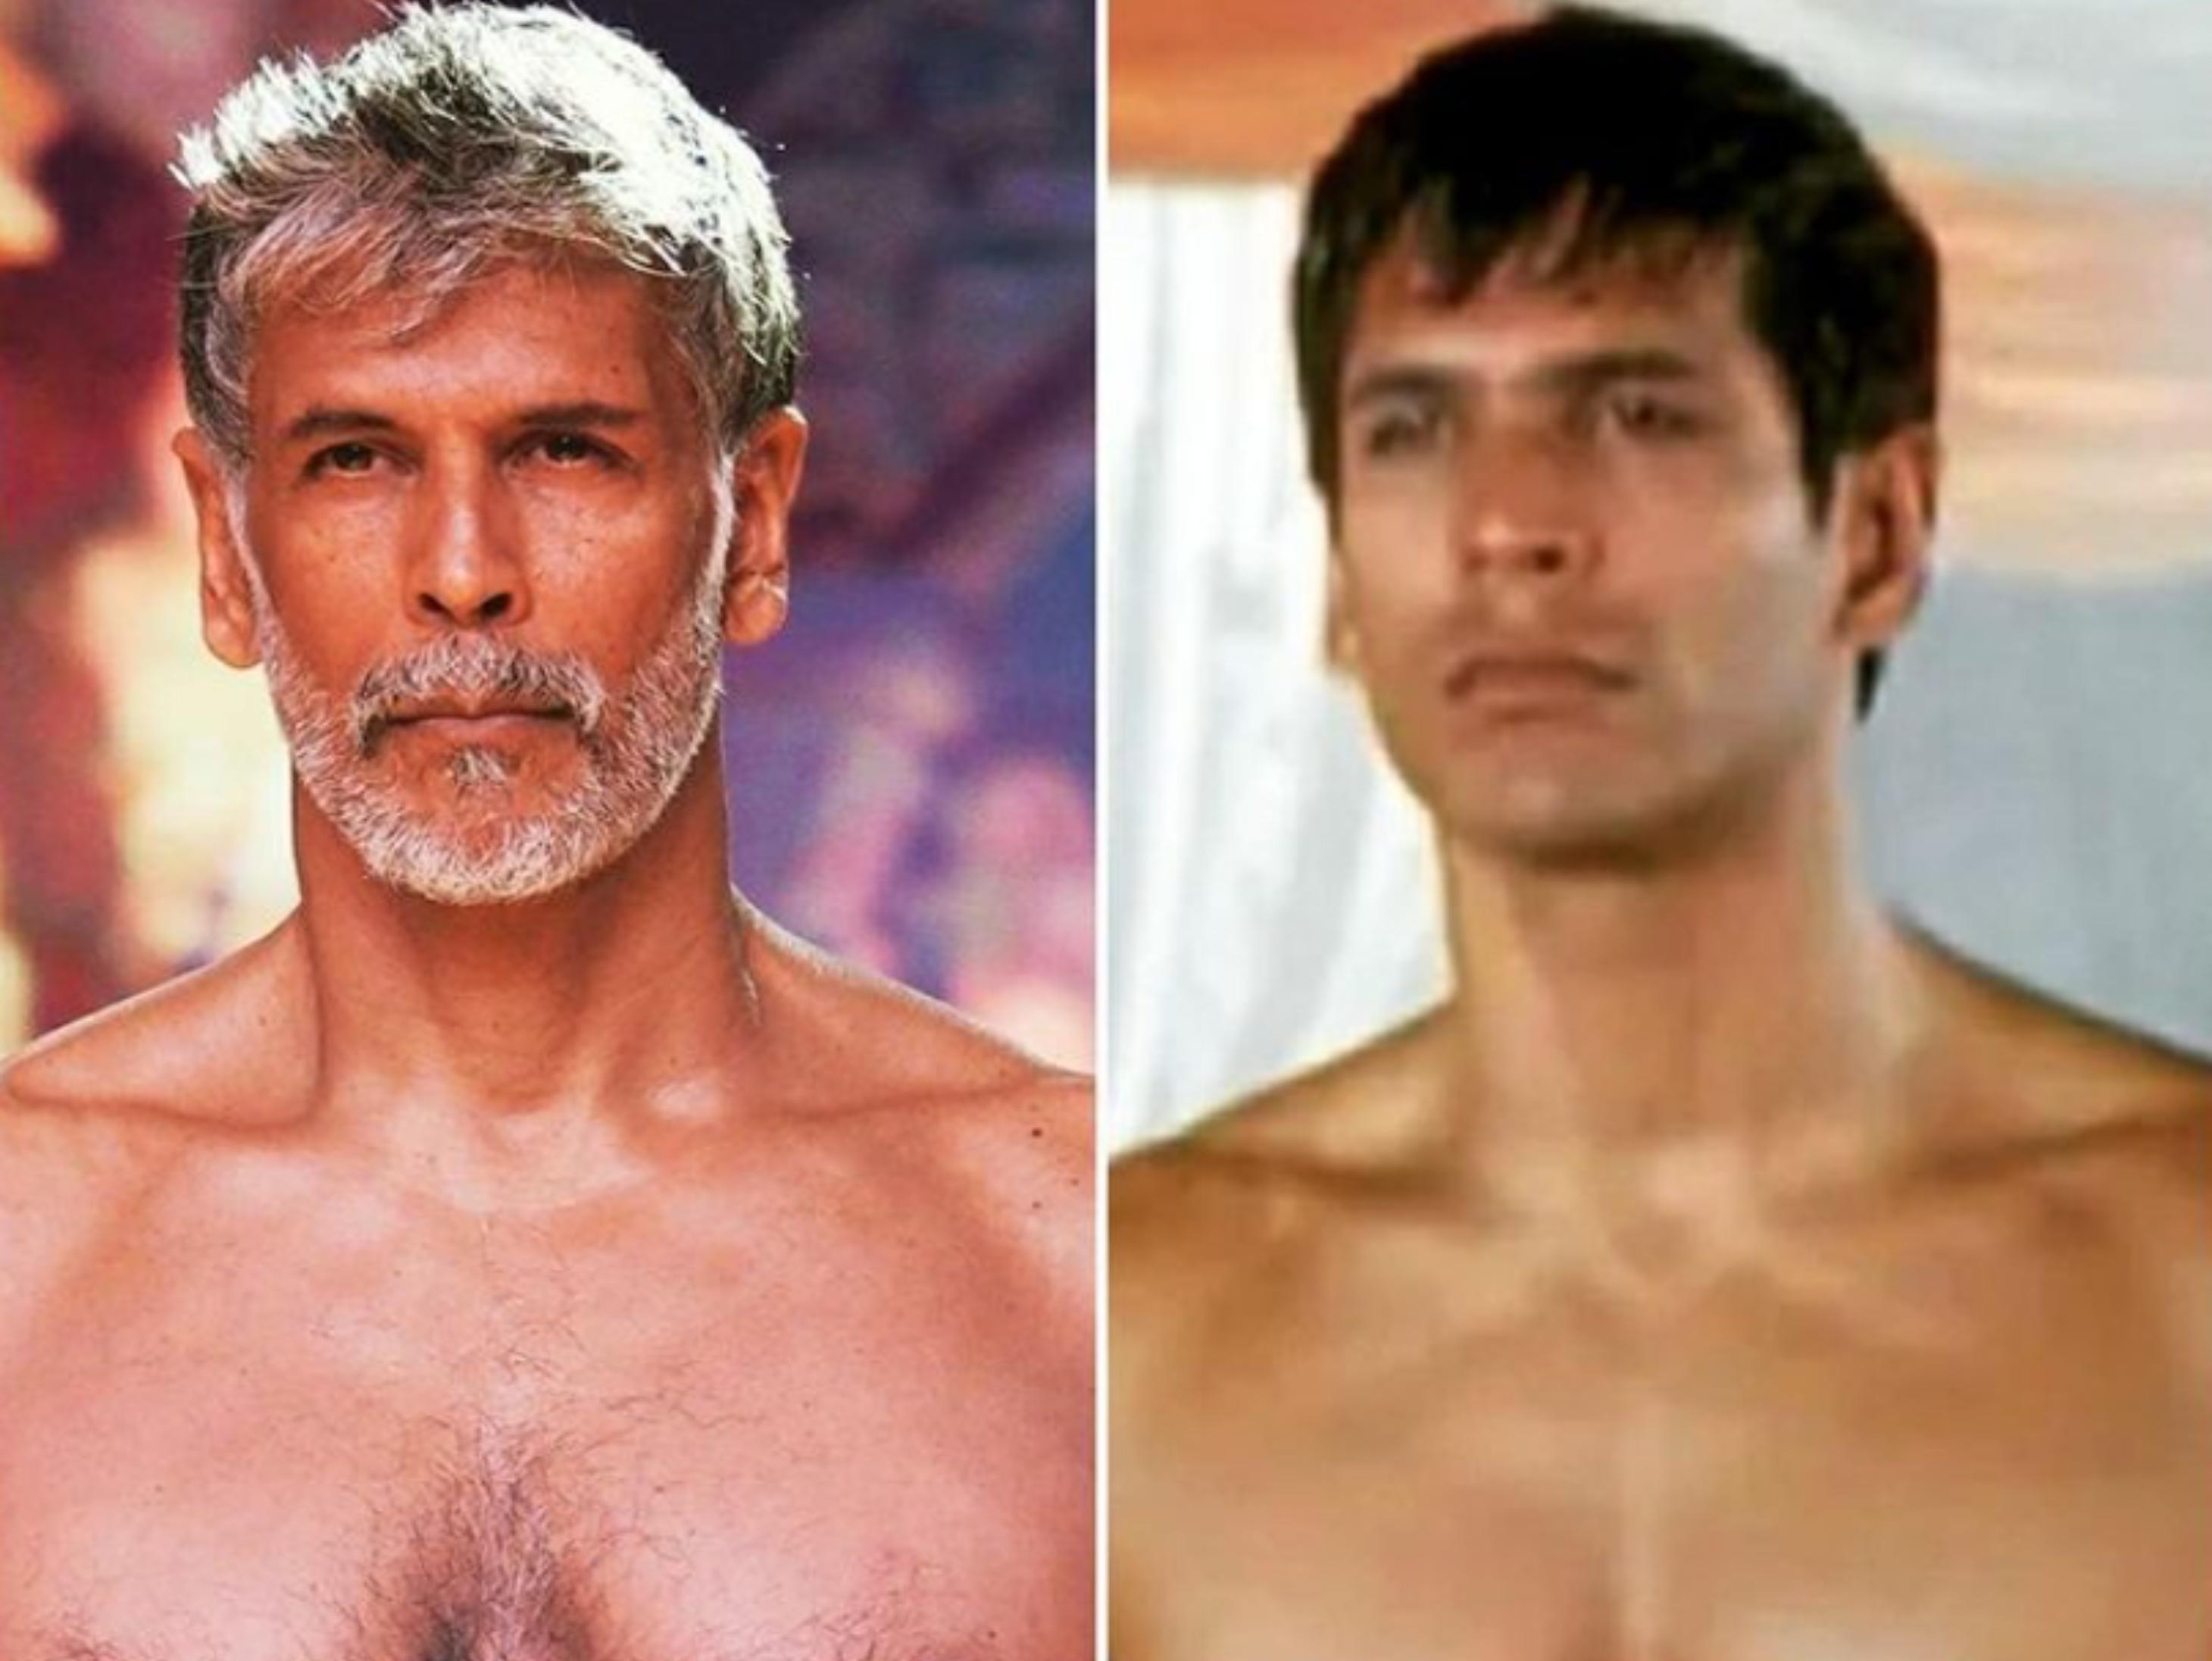 धोती पहनकर रैंप पर उतरे मिलिंद सोमन, 'मेड इन इंडिया' लुक देखकर मलाइका अरोड़ा के उड़ गए होश|बॉलीवुड,Bollywood - Dainik Bhaskar